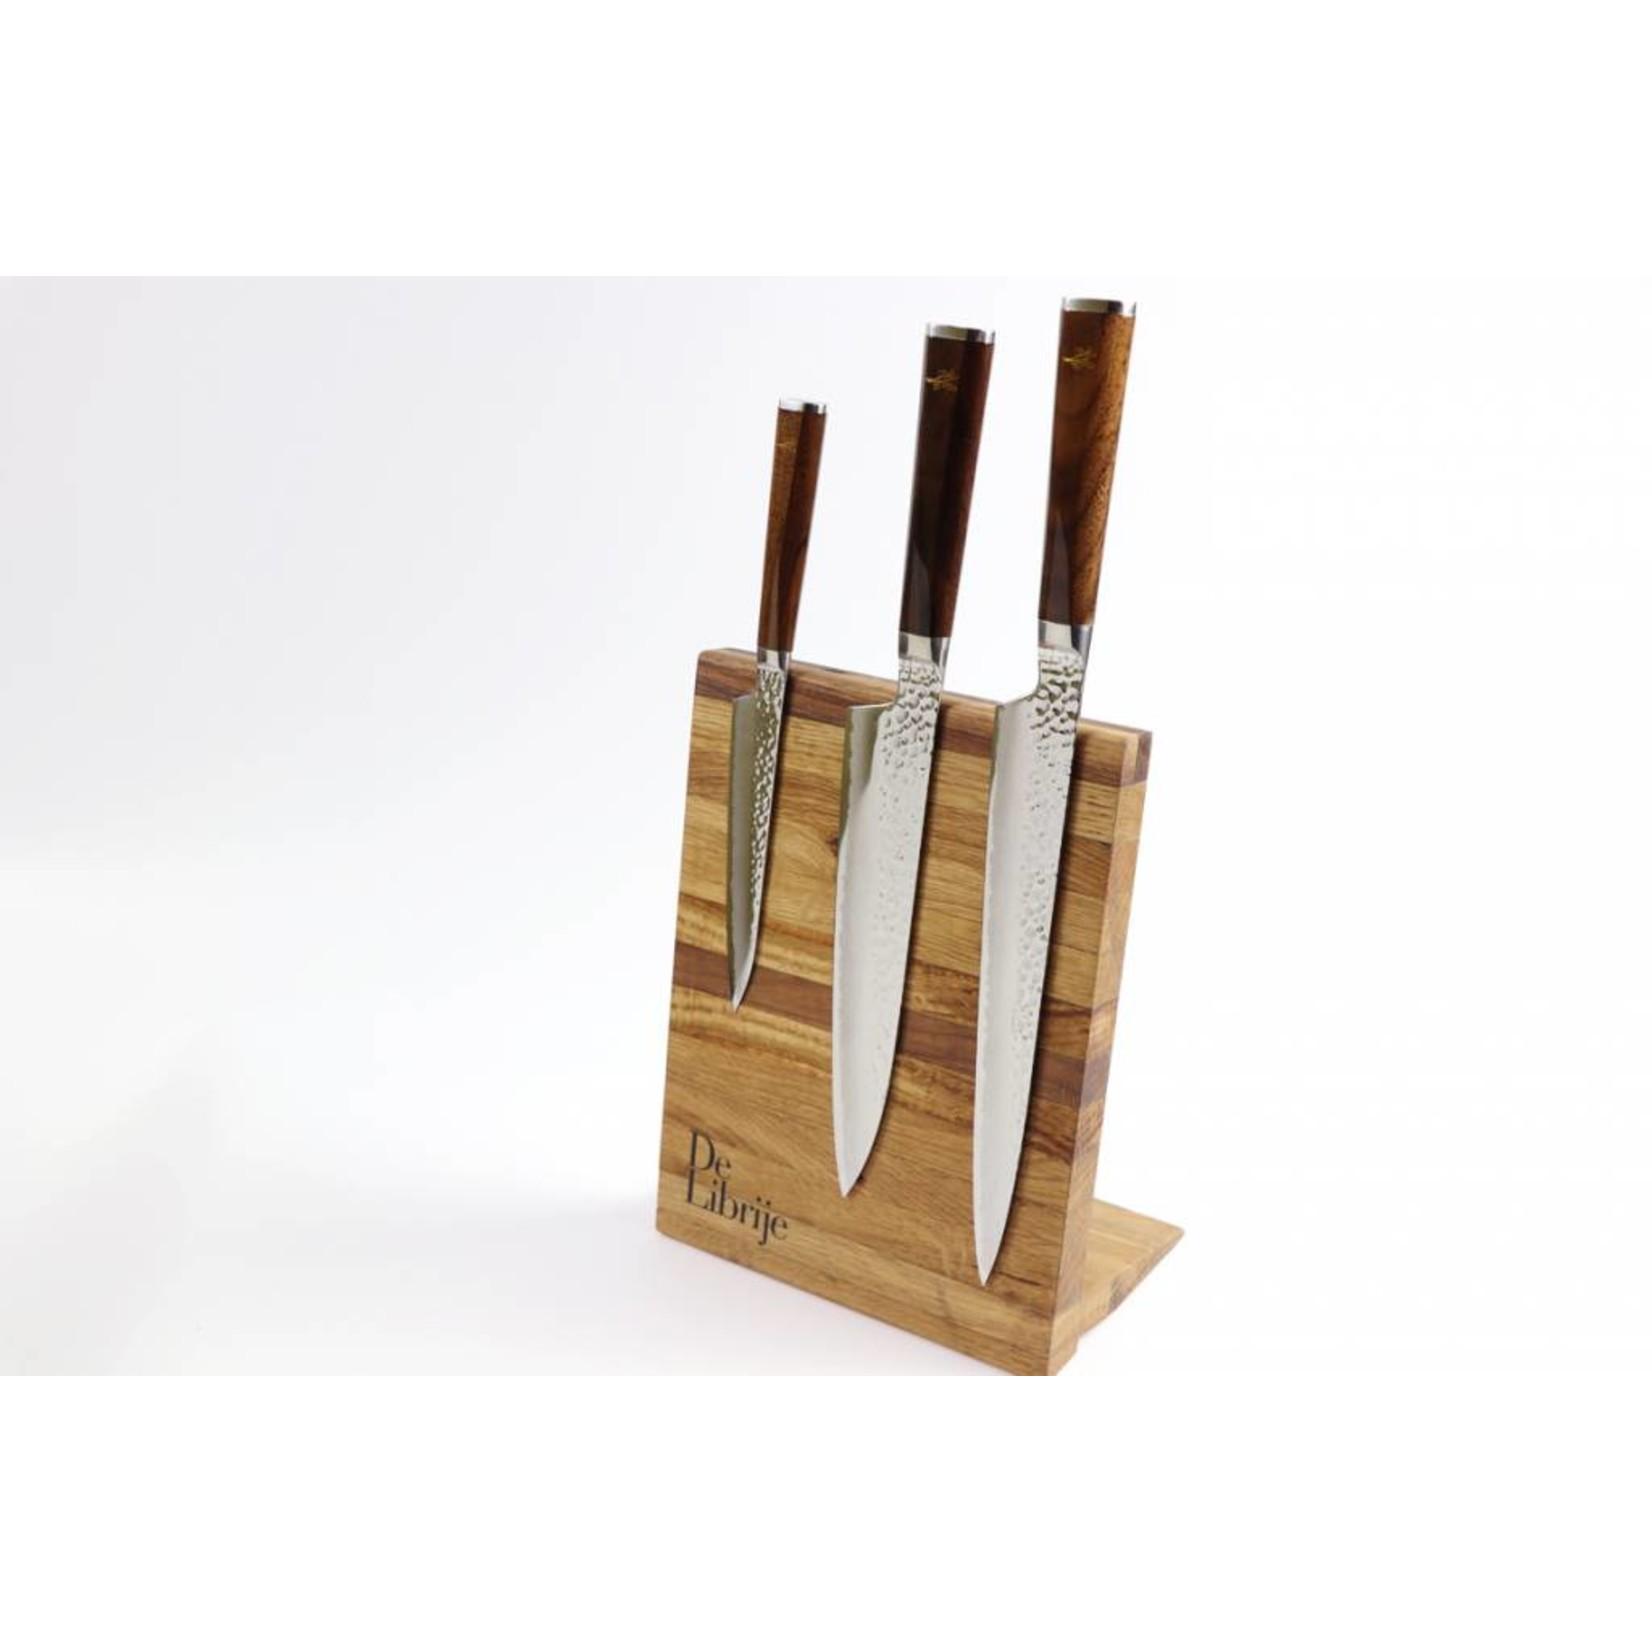 RYUSEN Jonnie Boer Walnut messen set ( 3 items ) TG JB 702 + TG JB 707 + TG JB 710 incl. Magnet